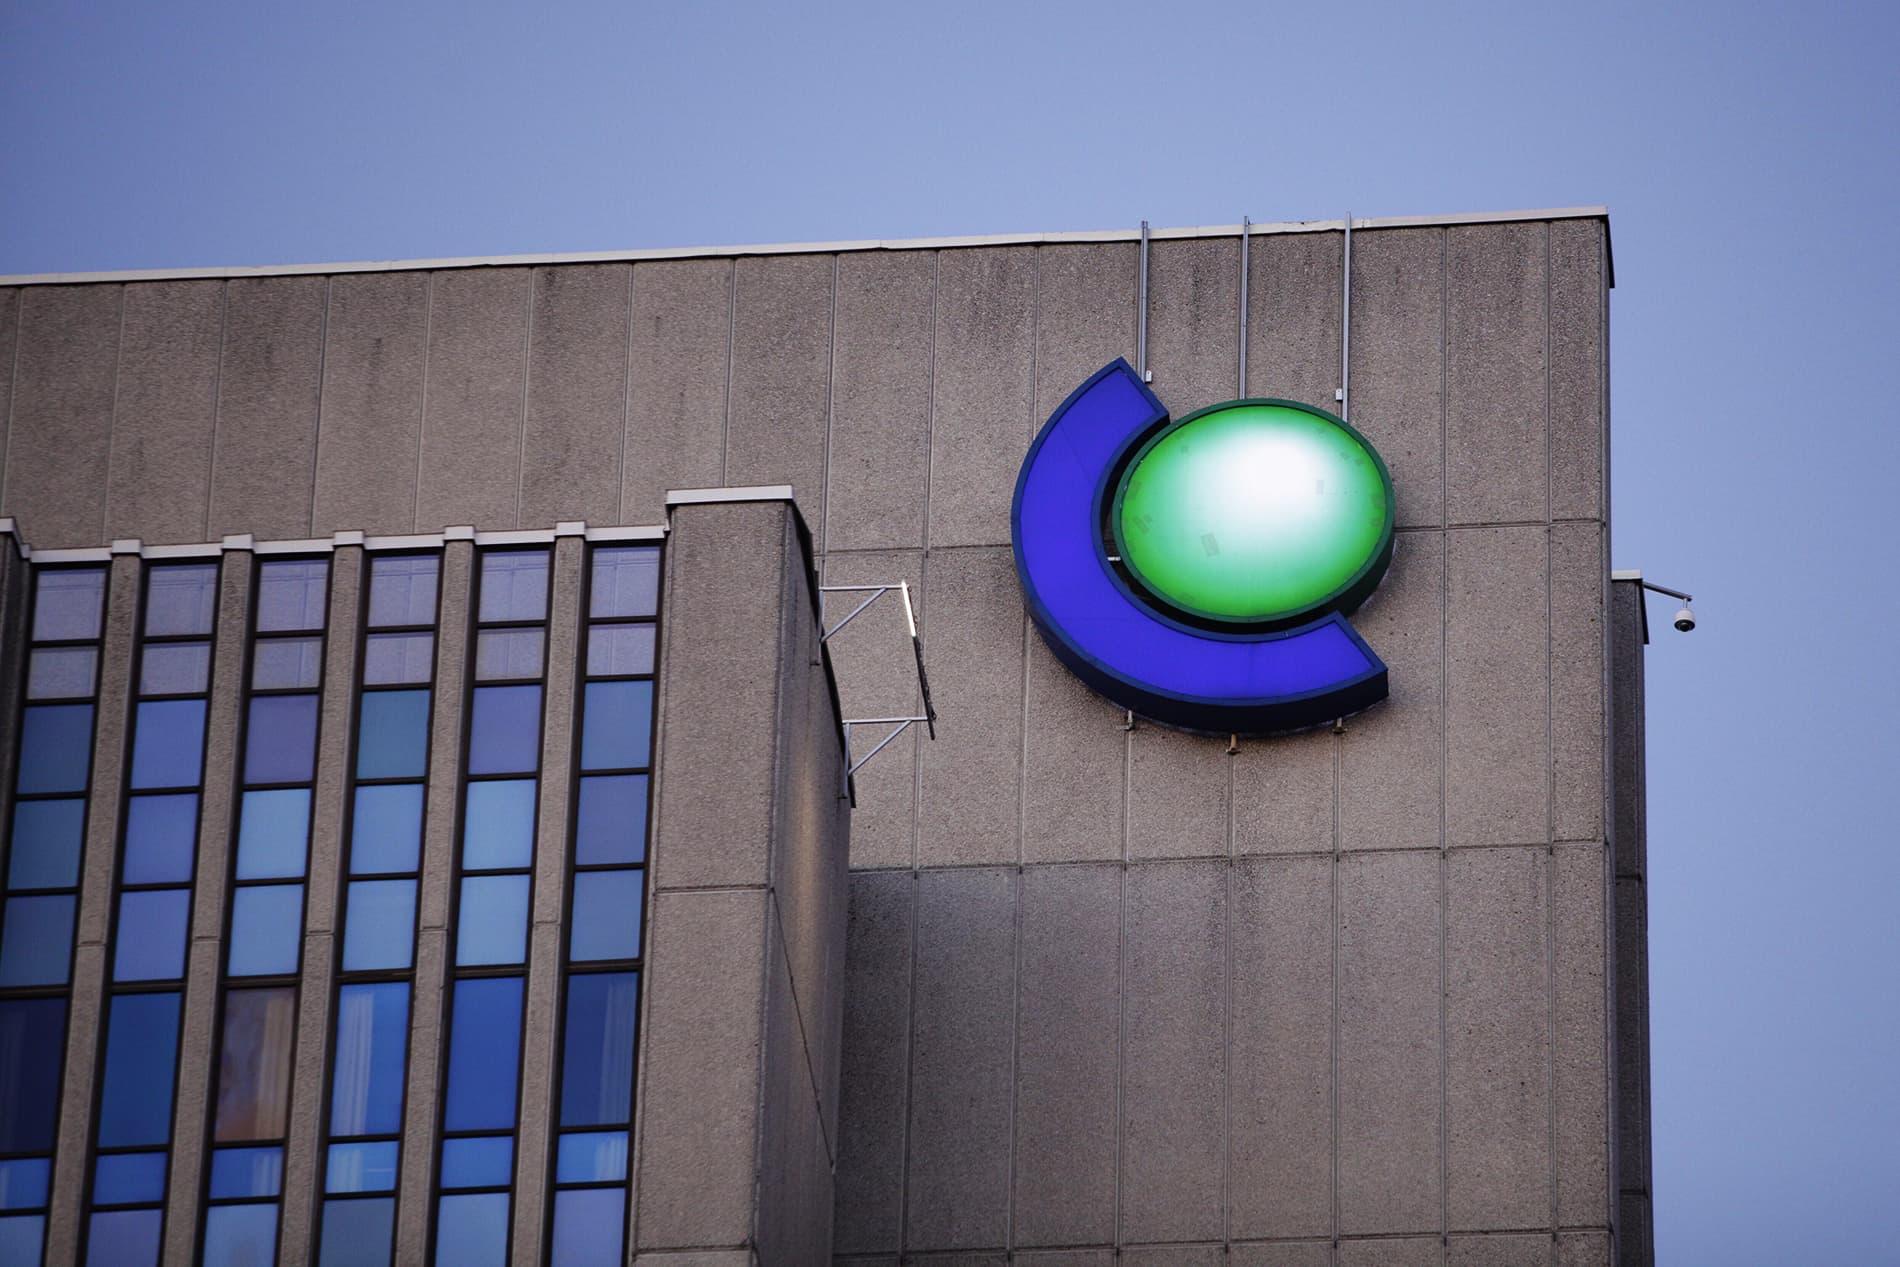 Energiayhtiö Fortum myy sähkönsiirtoliiketoimintansa Ruotsissa 6,6 miljardilla eurolla. Fortumin pääkonttori Espoon Keilaniemessä perjantai-iltana 13. maaliskuuta.